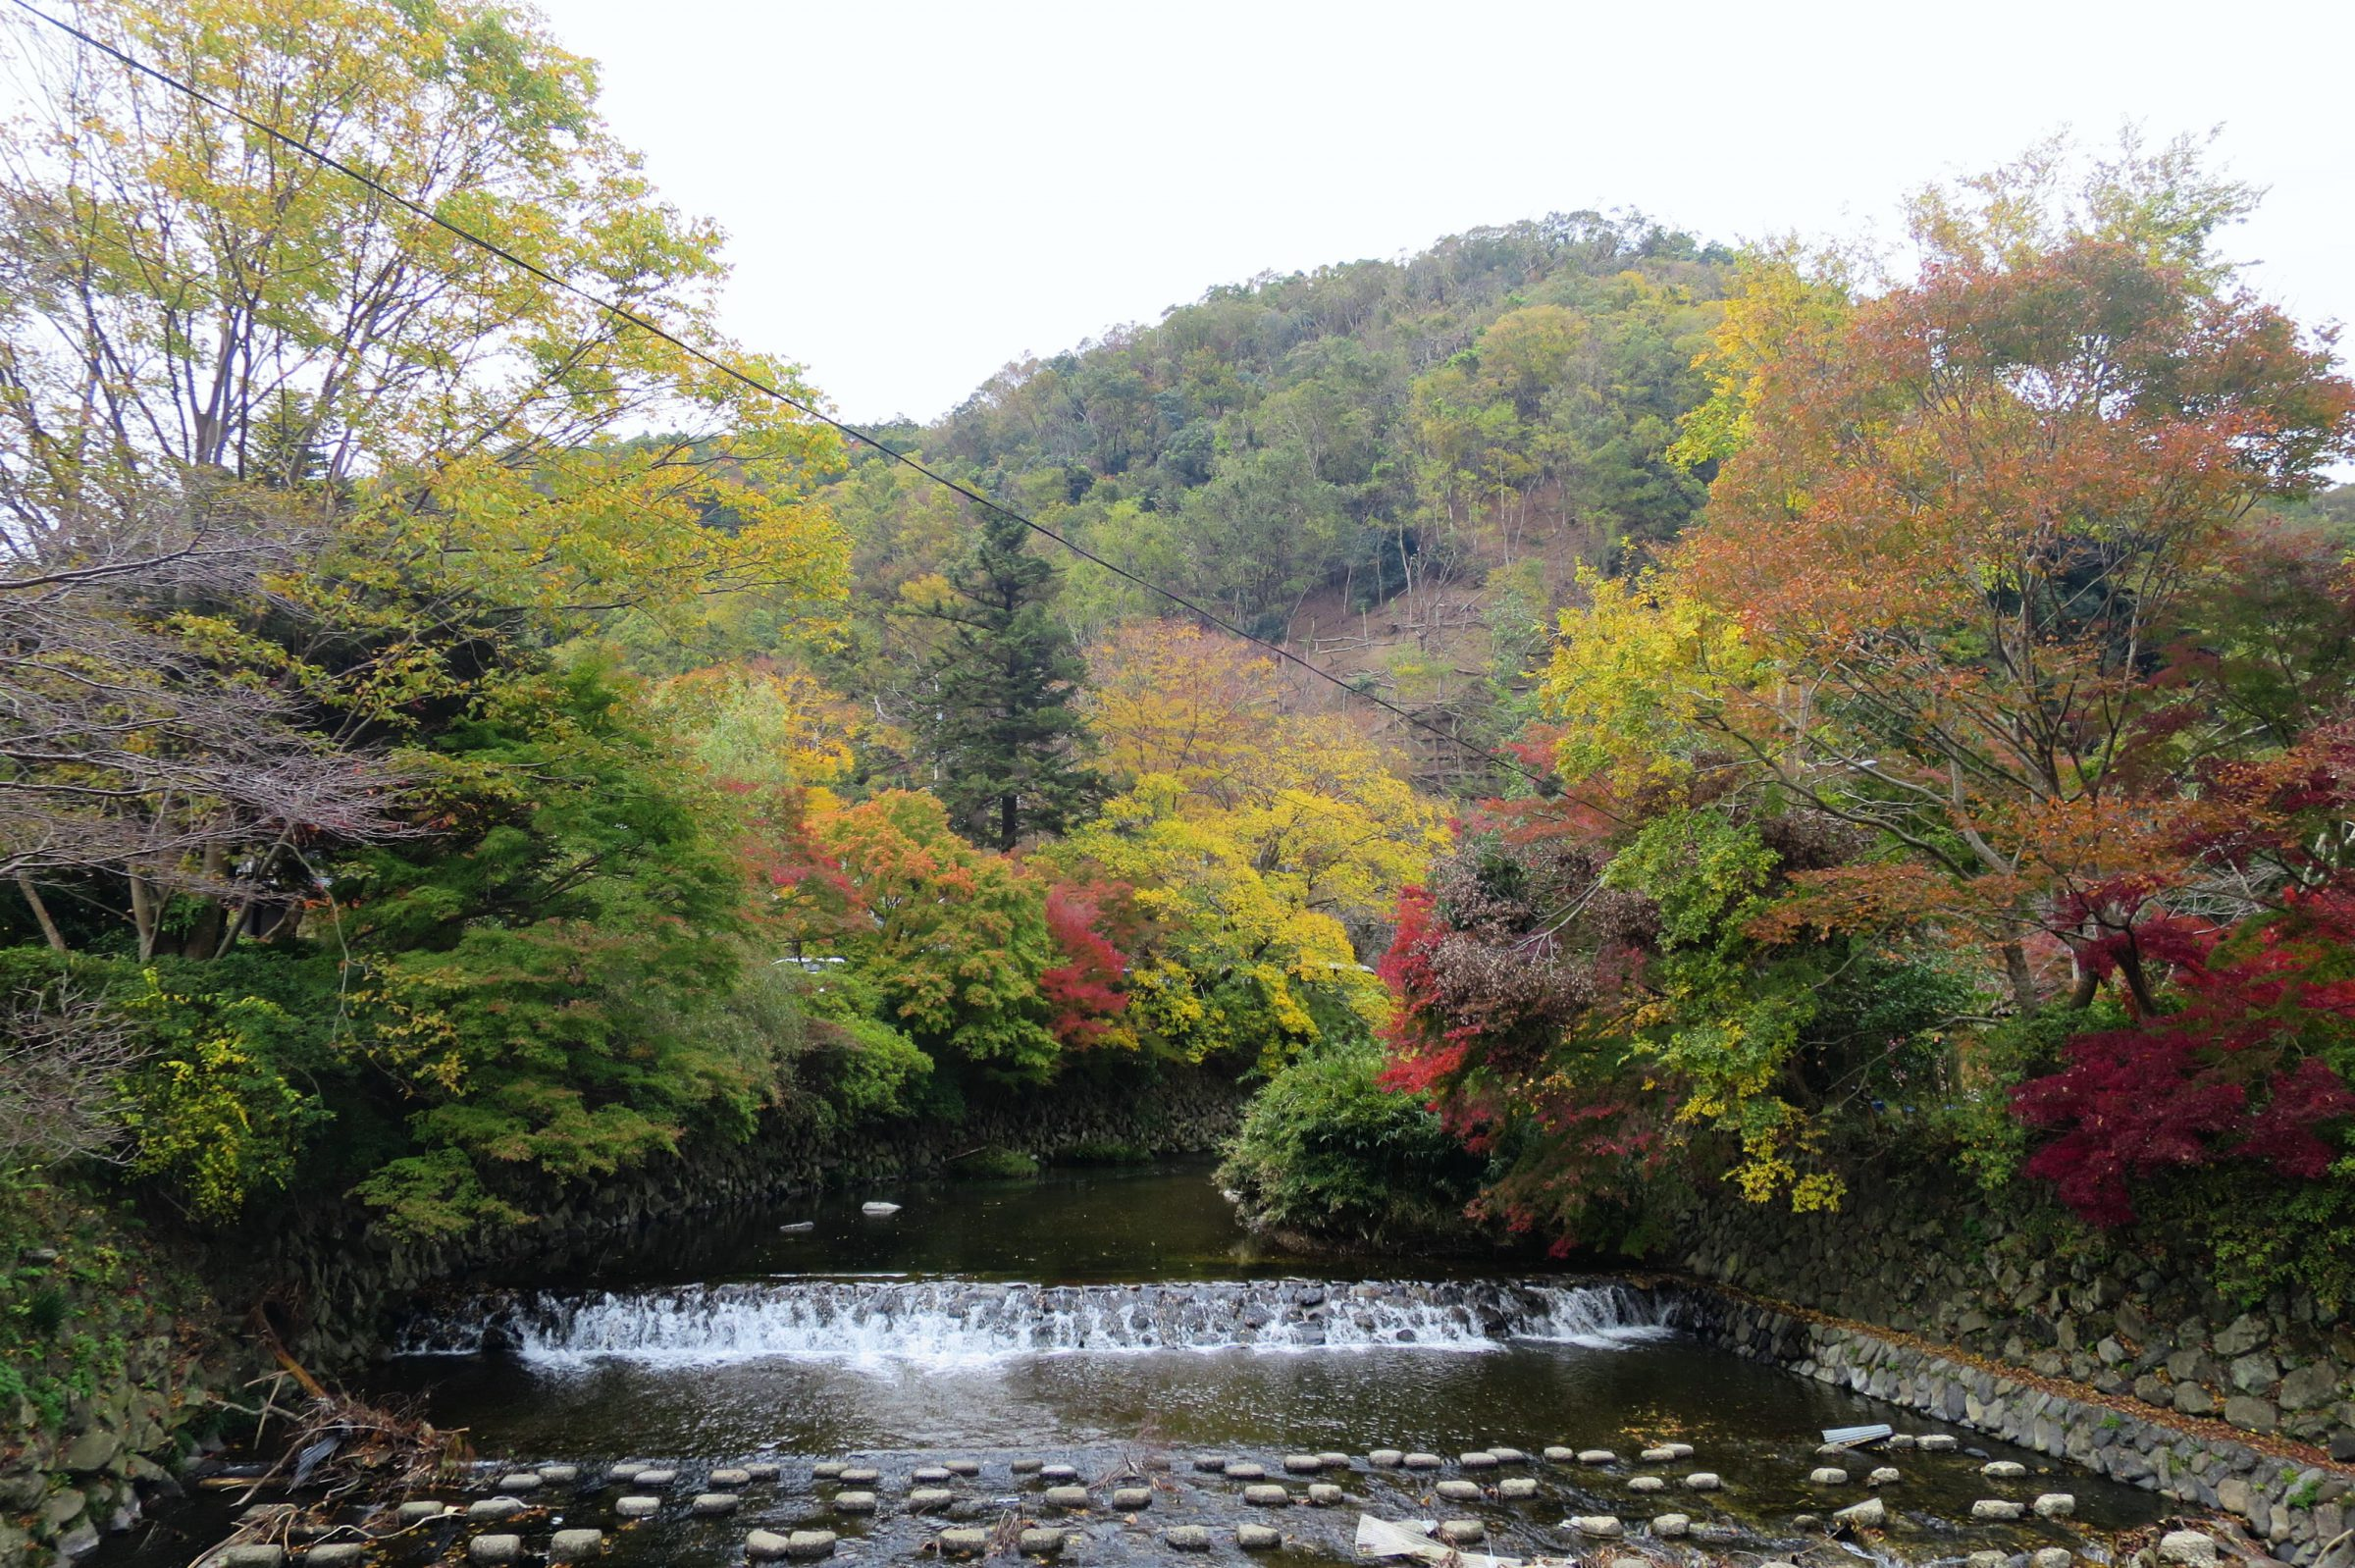 每年只開放2次!京都秋季賞楓景點:八瀨比叡山口「瑠璃光院」絕美紅葉窗景